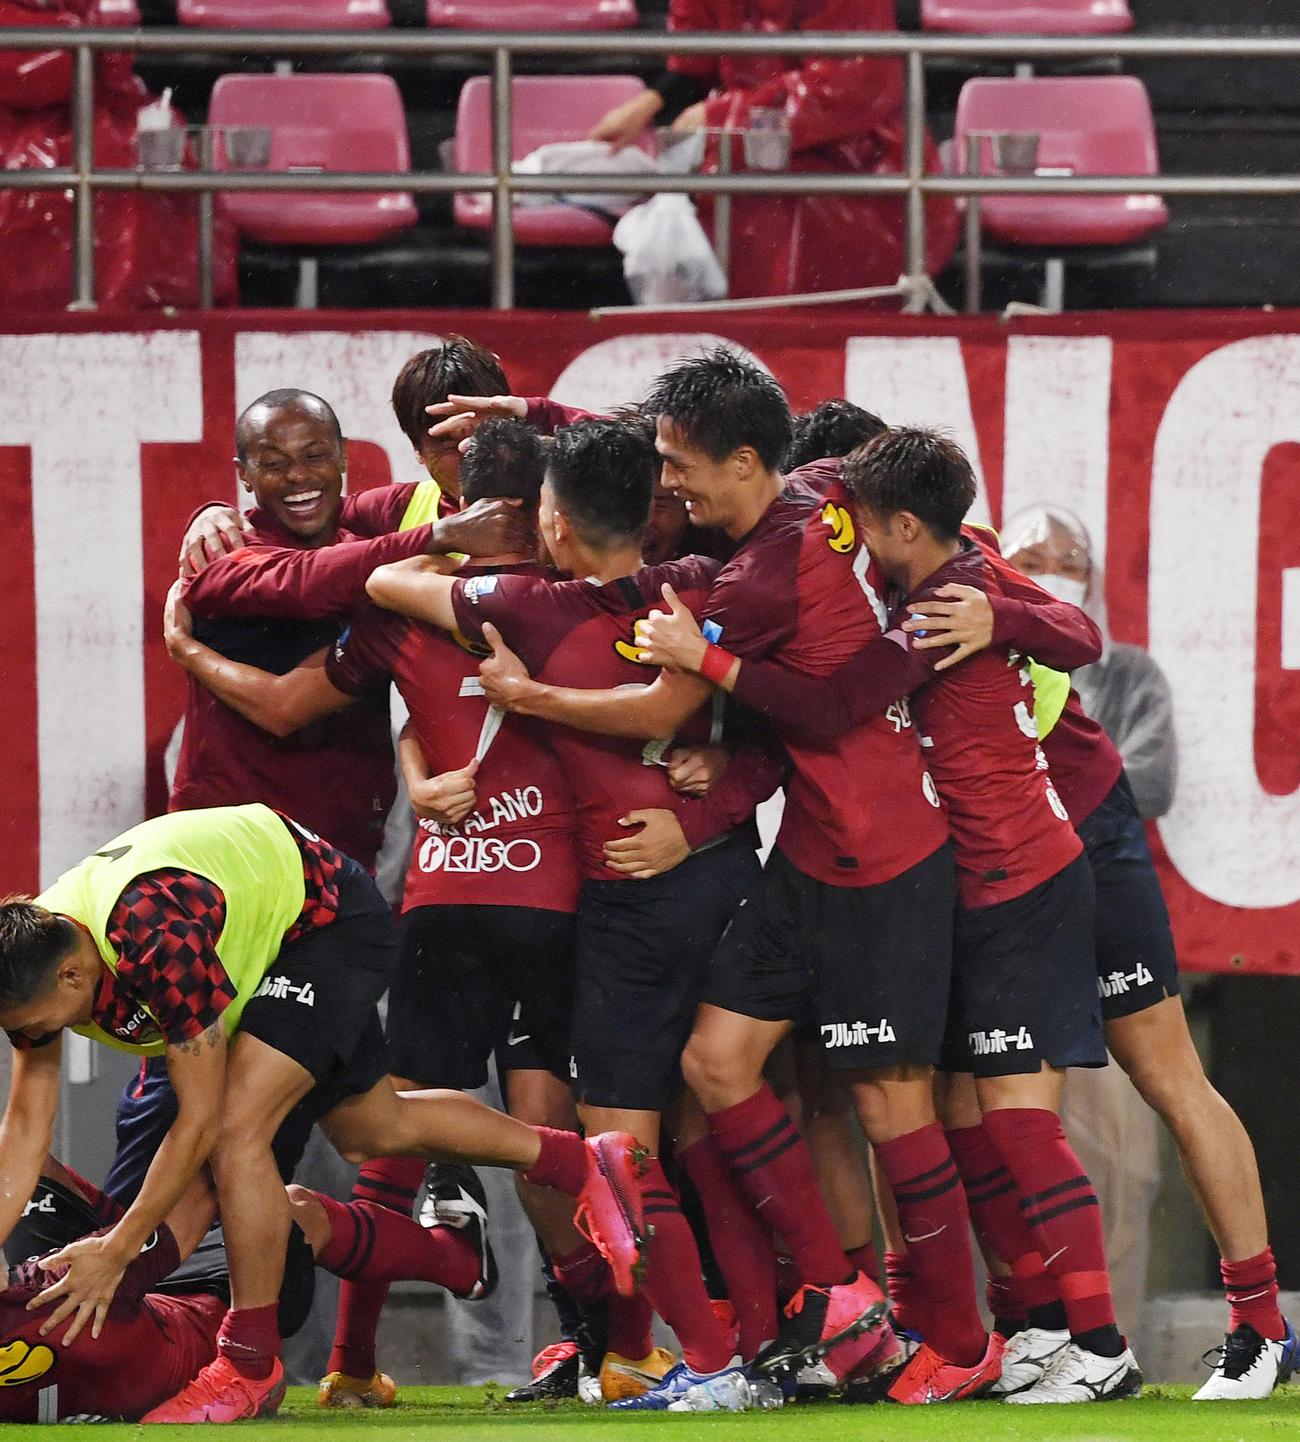 鹿島対湘南 後半、MFファン・アラーノがゴールを決め歓喜する鹿島イレブン(撮影・横山健太)